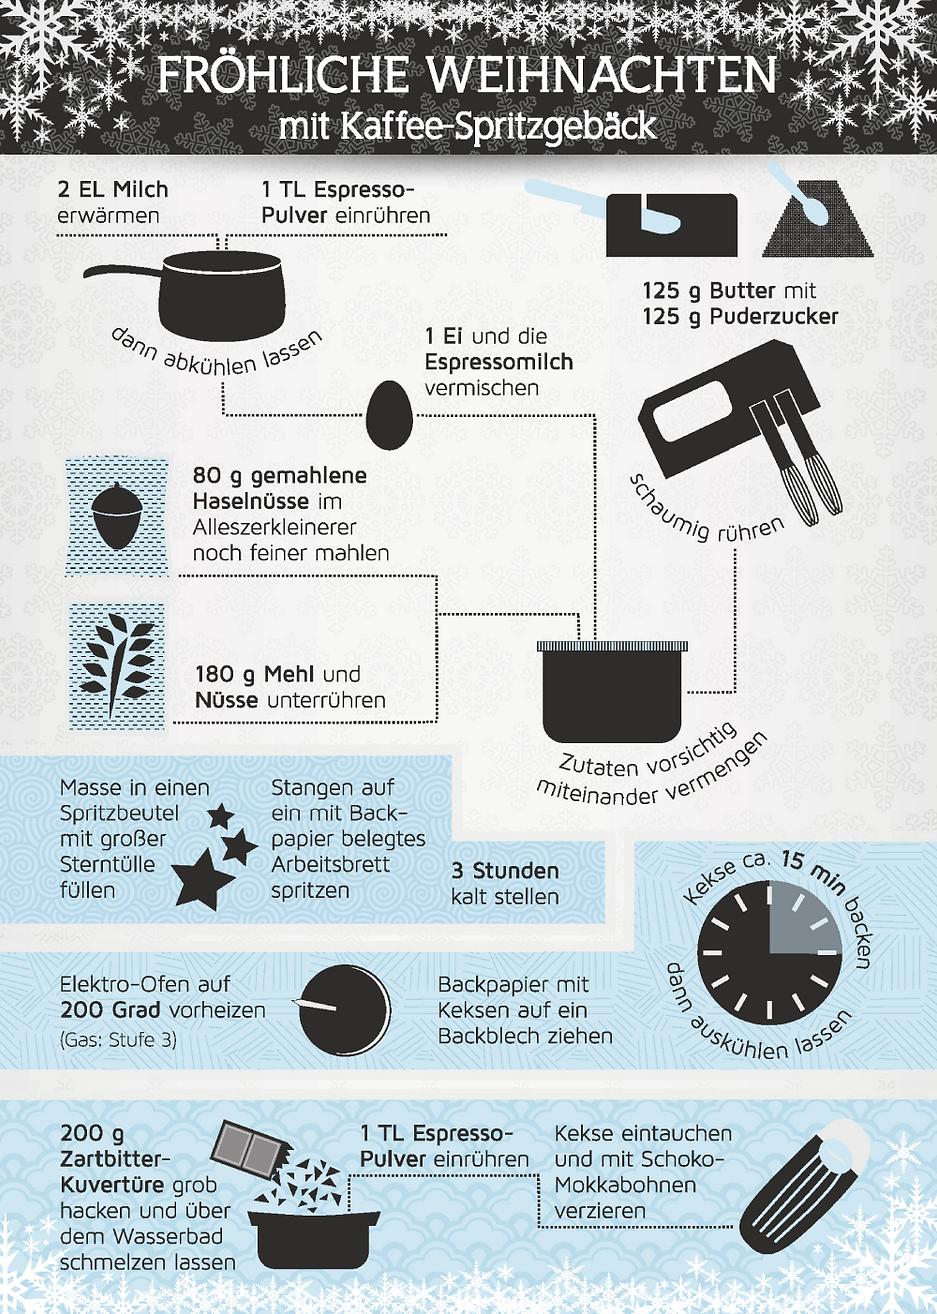 fröhliche weihnachten kekse infografik